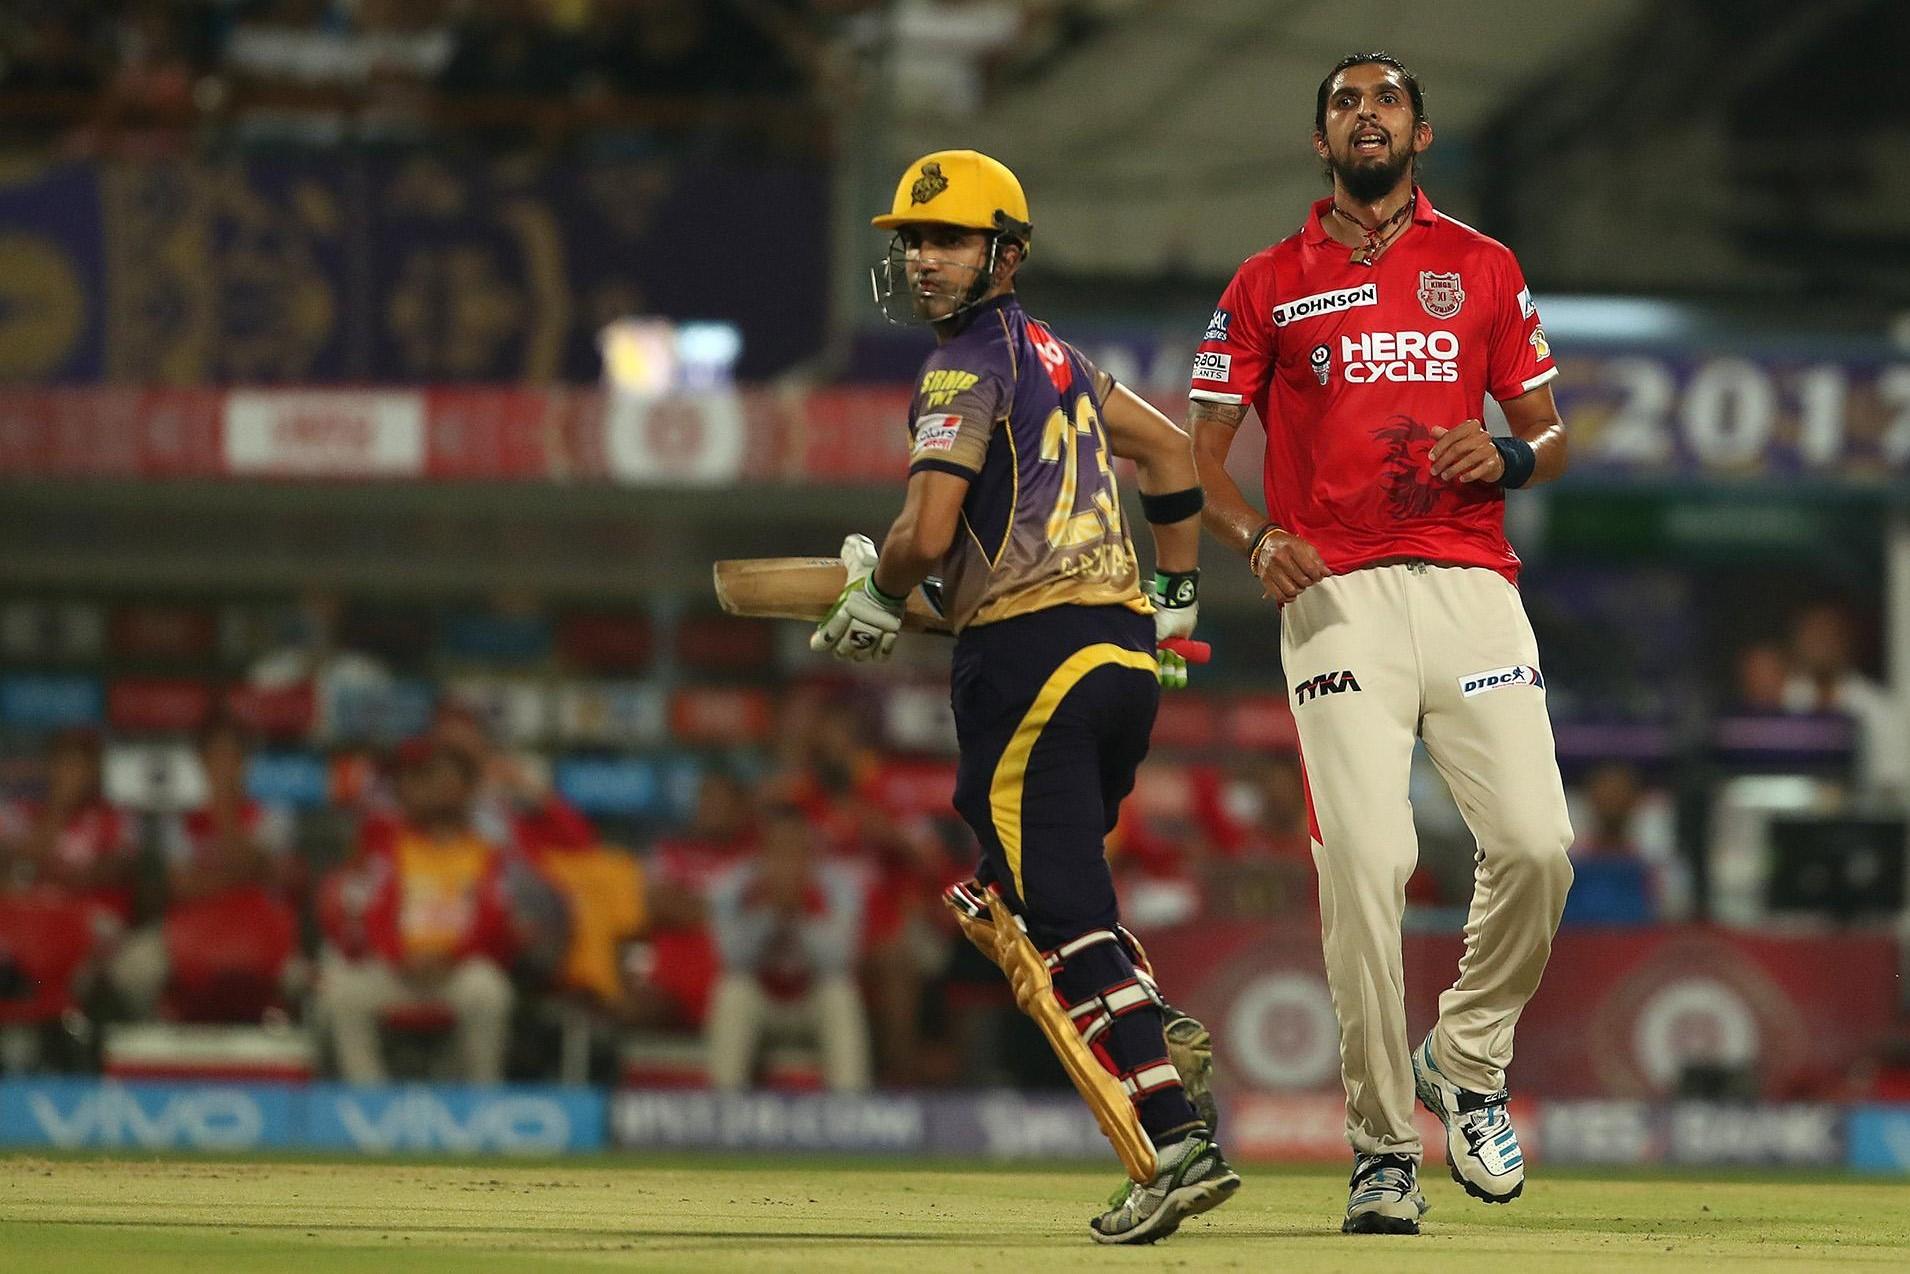 कोलकाता और पंजाब के बीच खेले गए मैच के पांच टर्निंग पोइंट 5